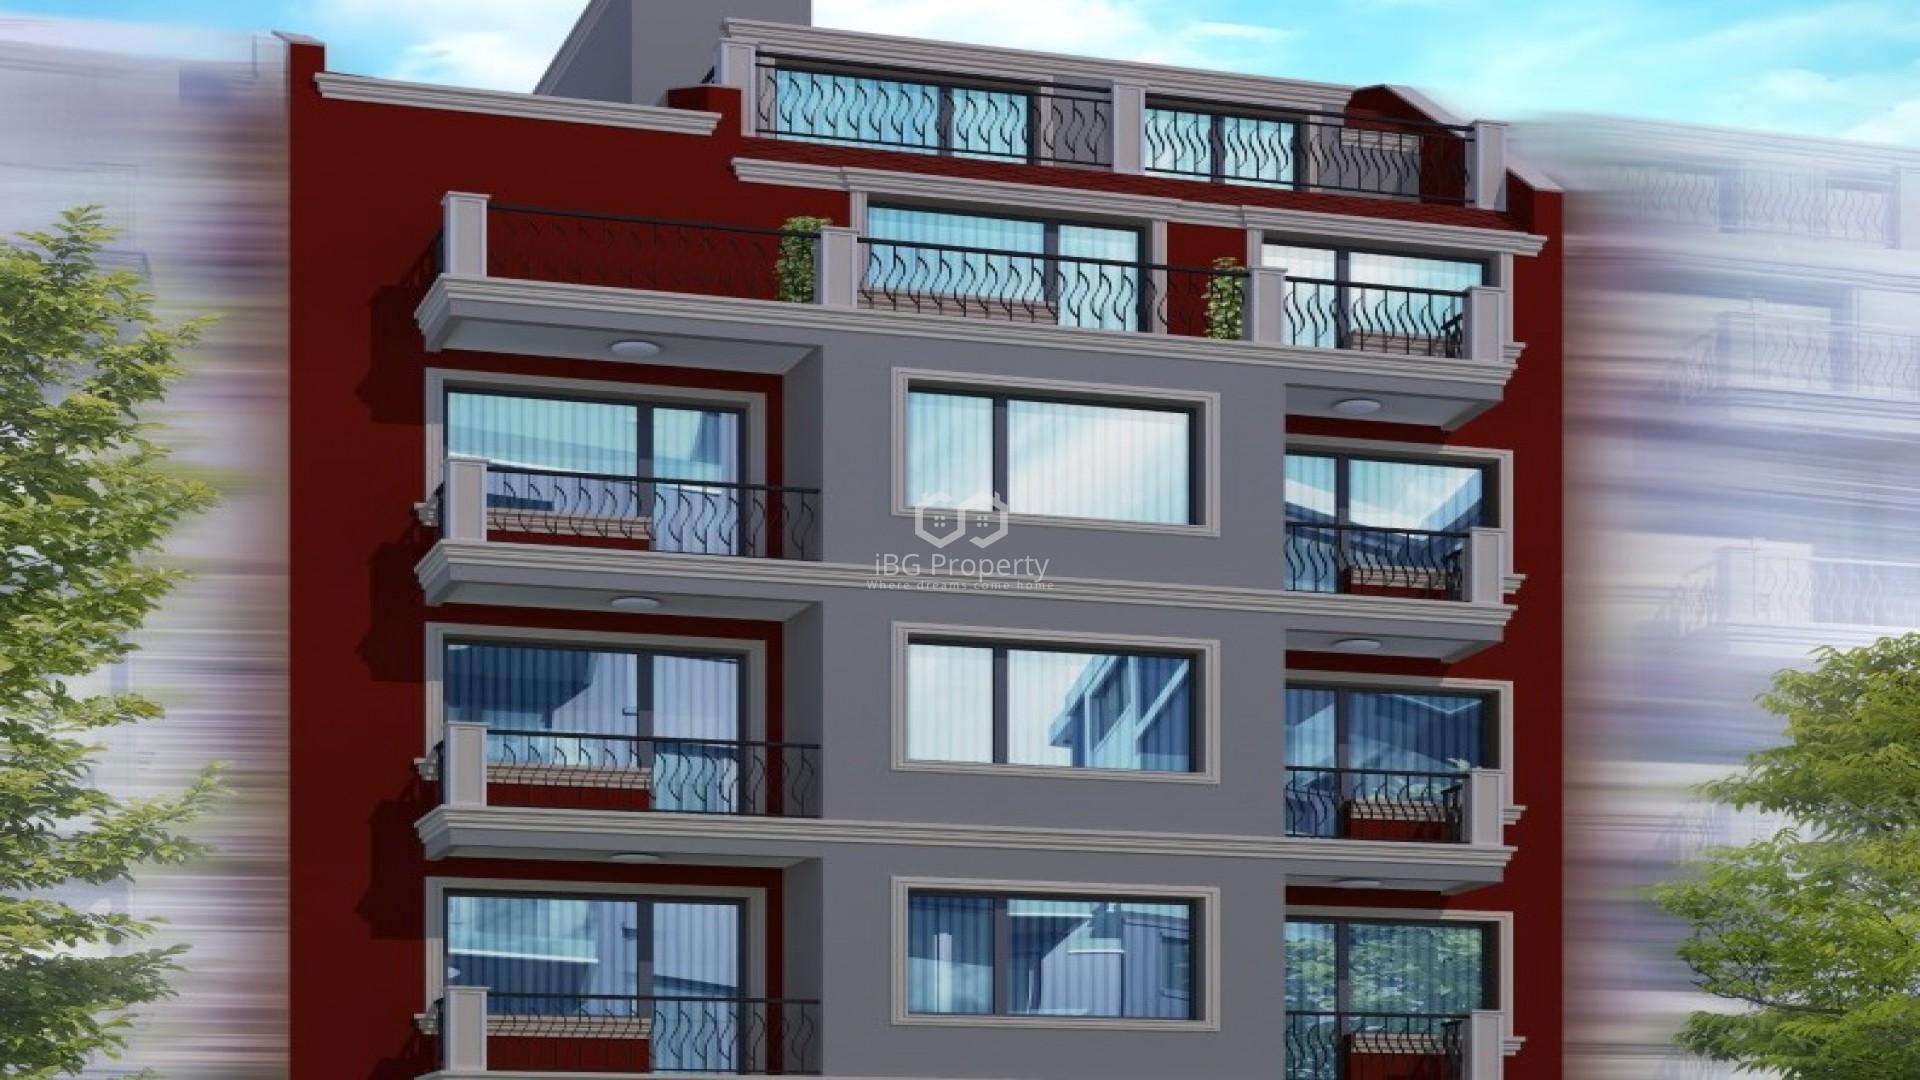 Трехкомнатная квартира Цветен квартал Варна 98 m2